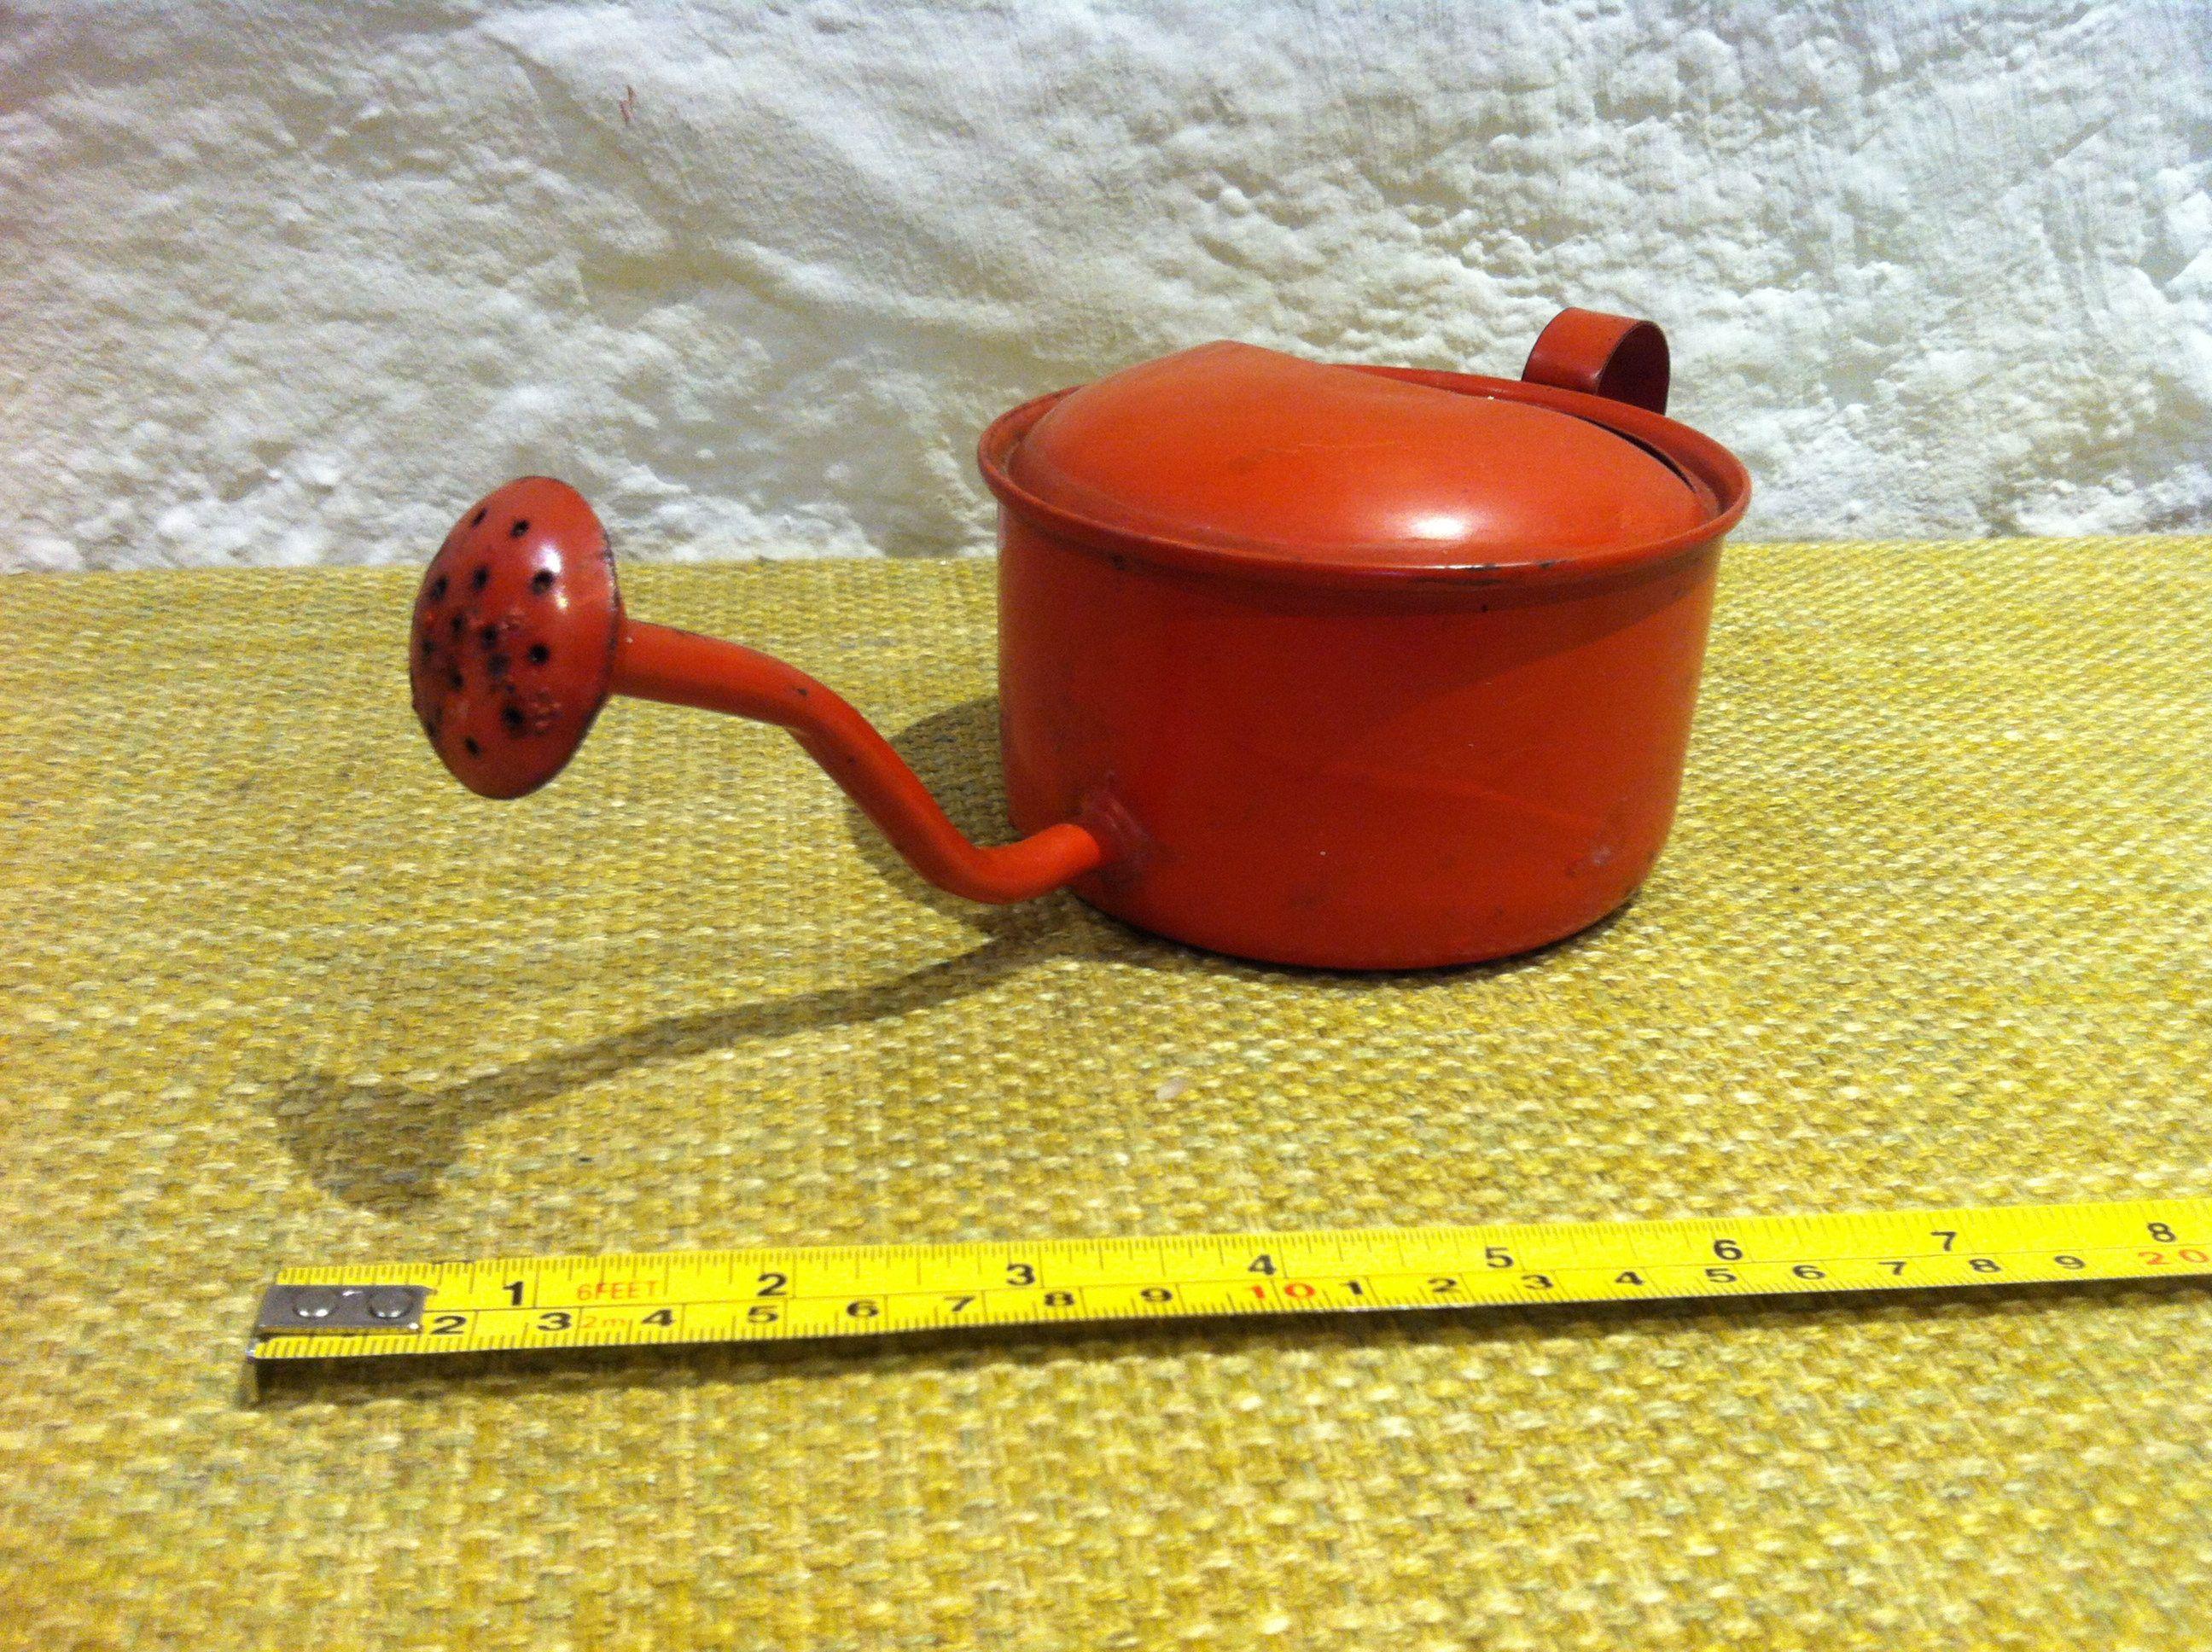 Landhaus Accessoires Dekoration : Vintage enamel watering can accessoires miniature garden deco